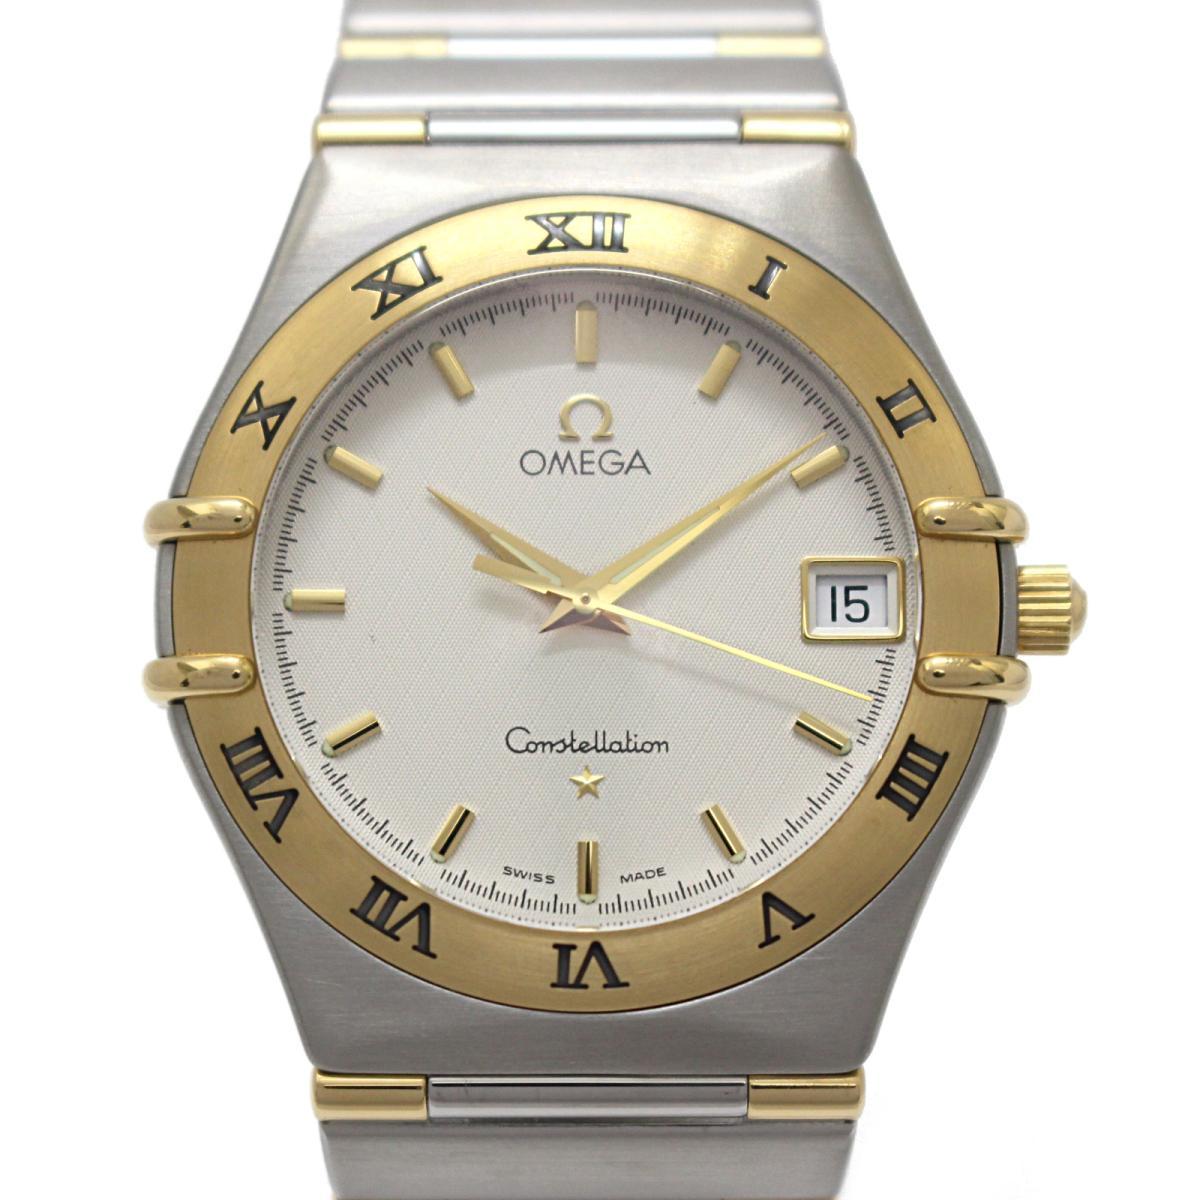 【中古】 オメガ コンステレーション メンズウォッチ 腕時計 メンズ ステンレススチール (SS) (1312.30) | OMEGA クオーツ クォーツ 時計 コンステレーション ブランドオフ